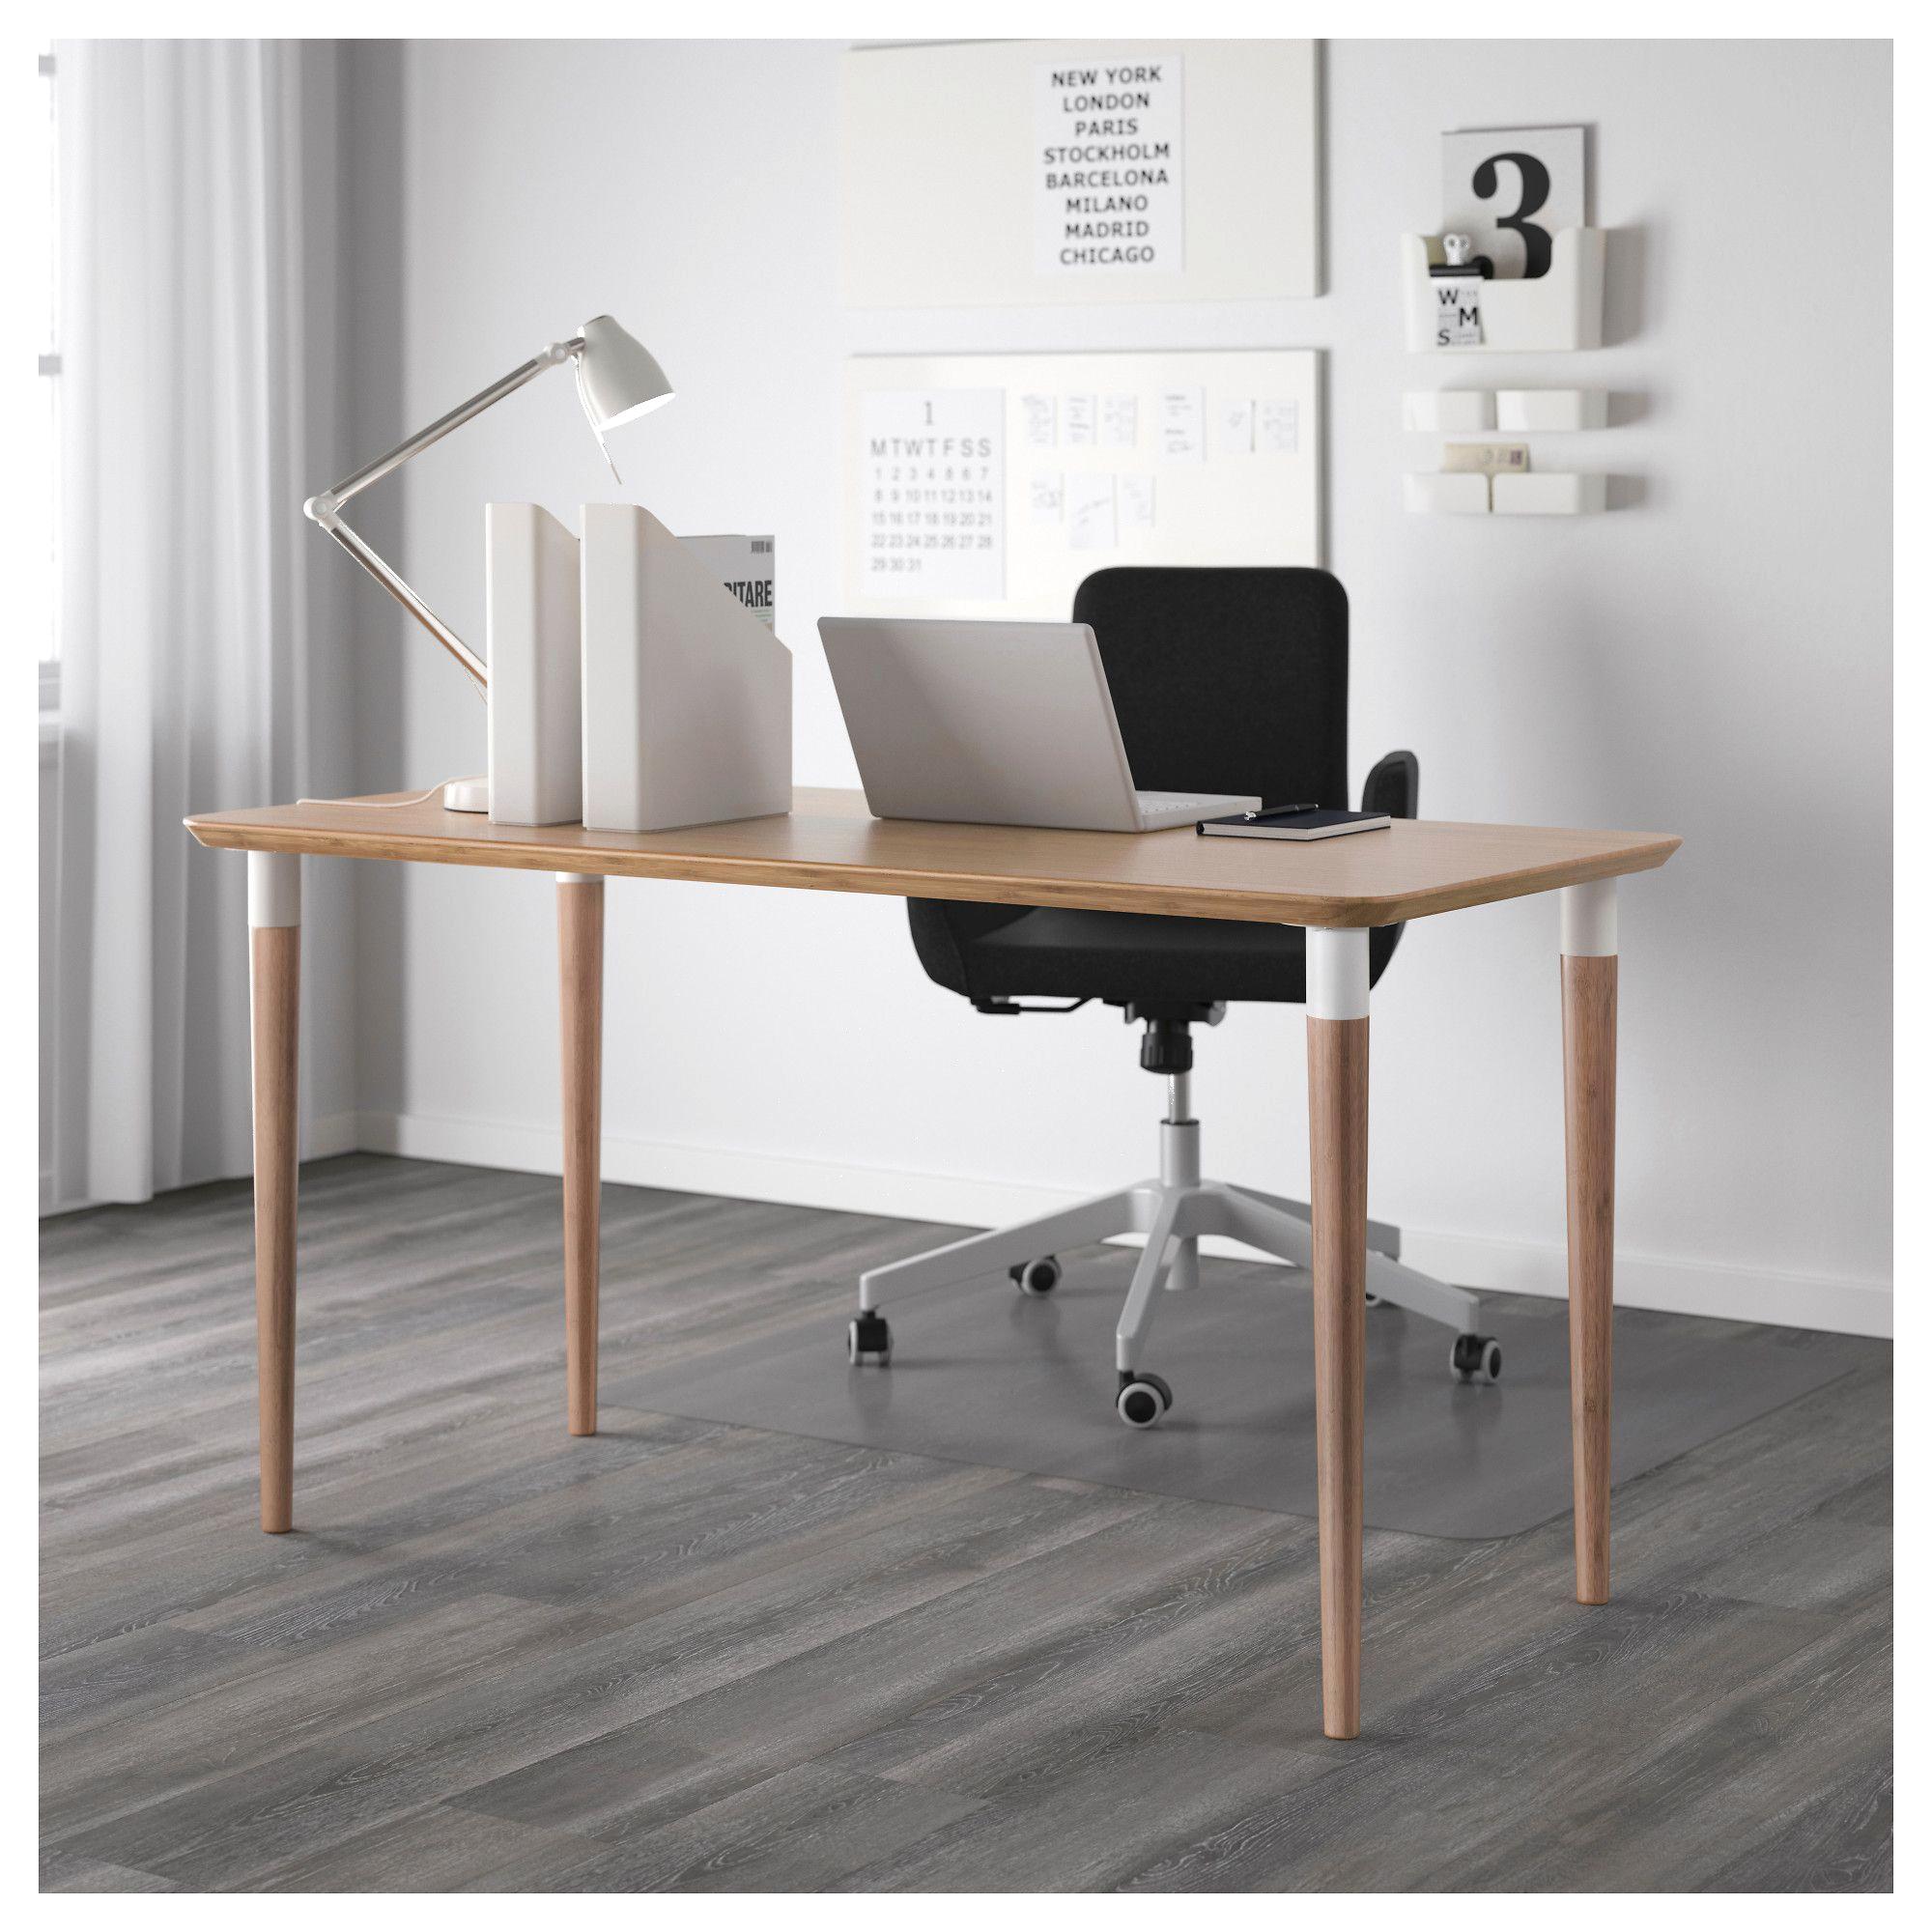 Ikea Galant Desk Leg Instructions 29 Einzigartig Galerie Von Ikea Schreibtisch Galant Careynewmexico Com